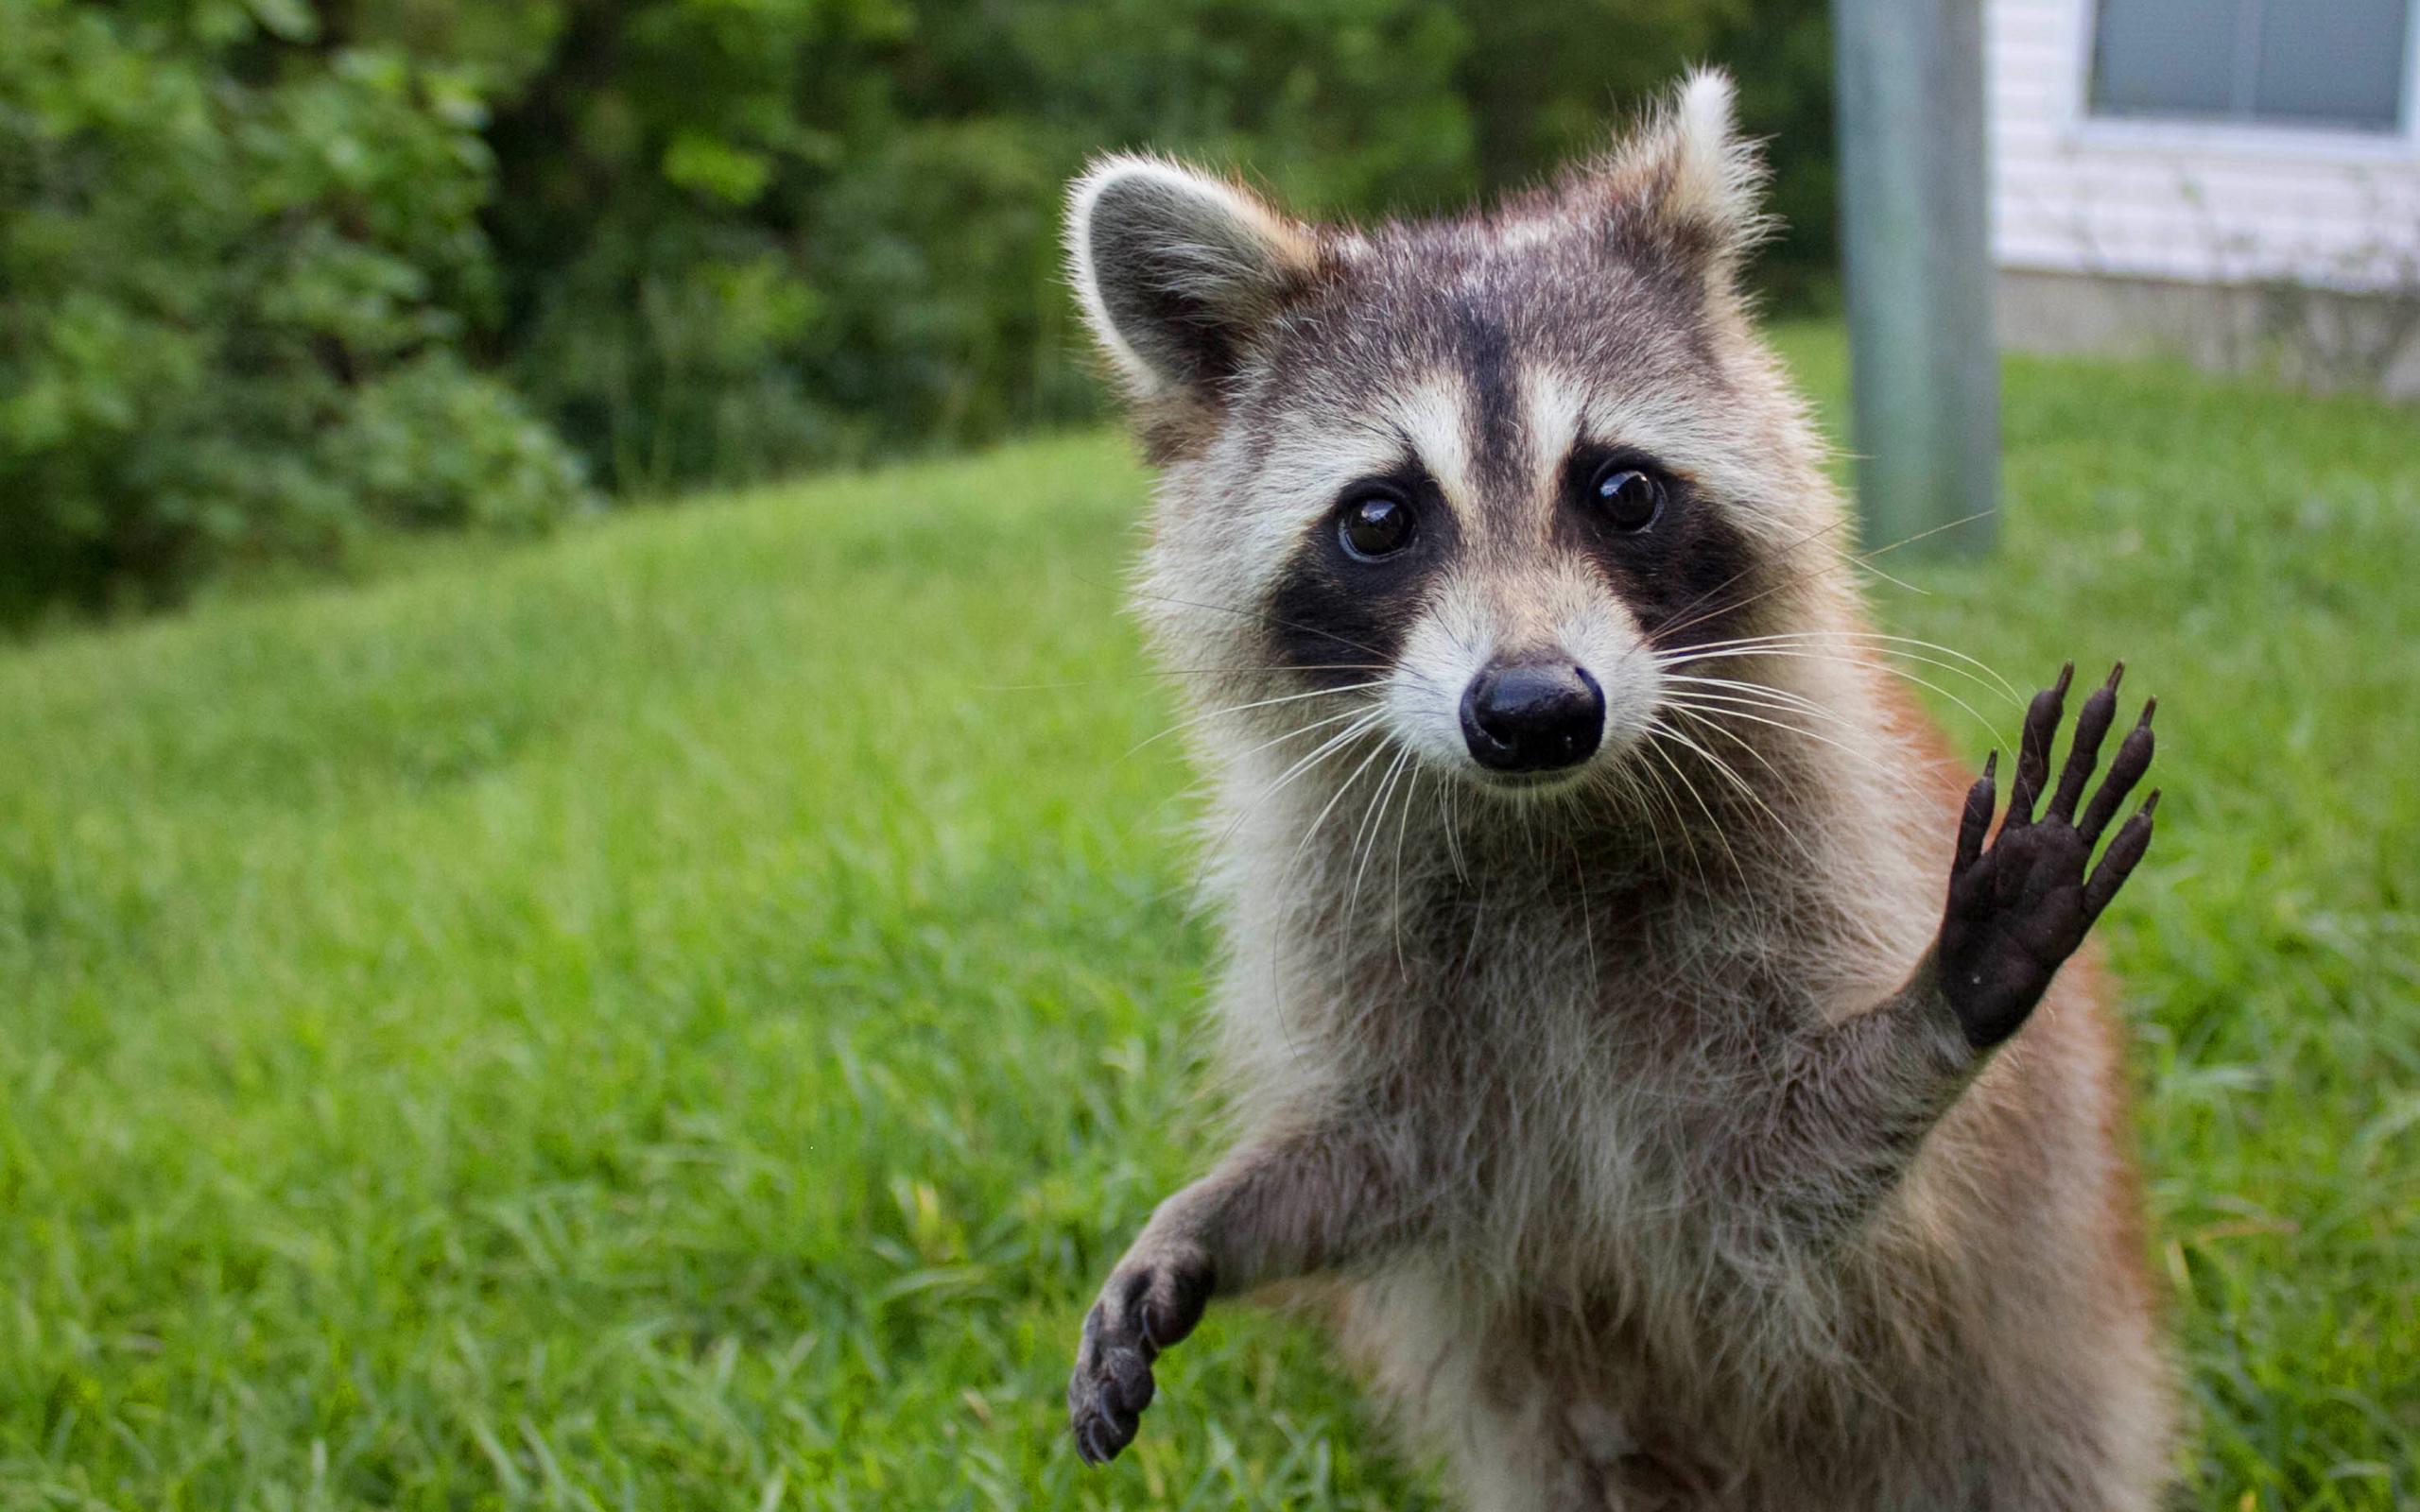 Raccoon funny